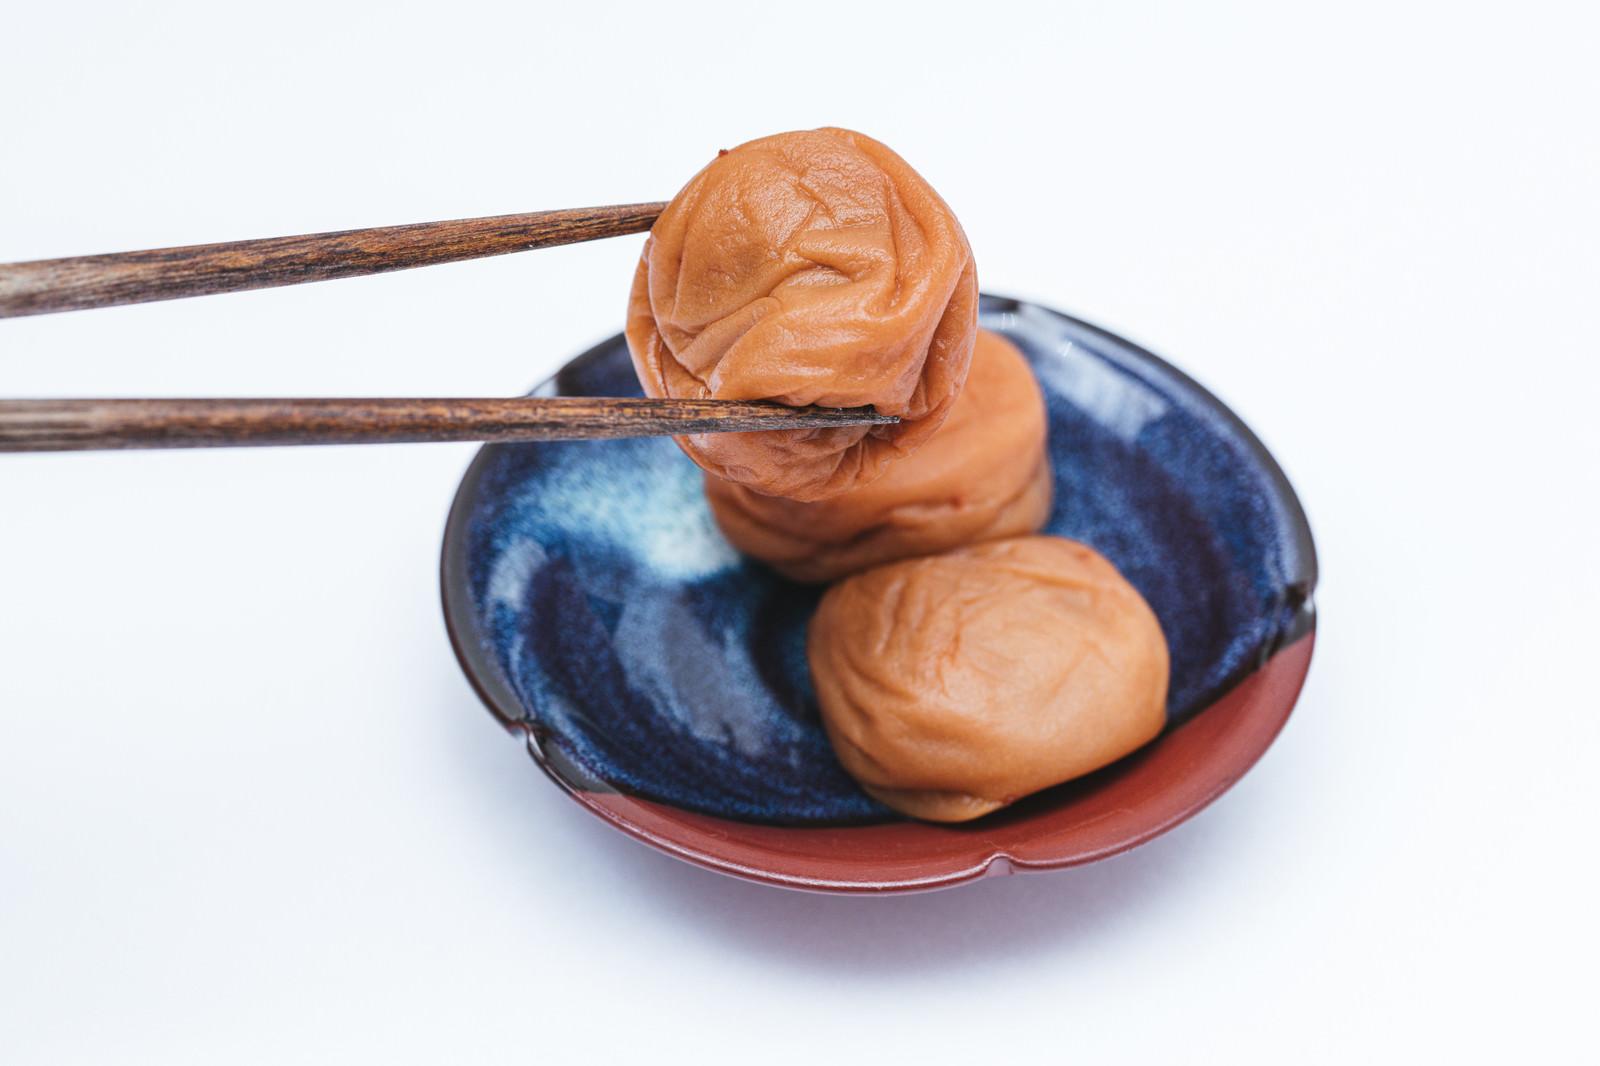 「箸で梅干しを掴む」の写真